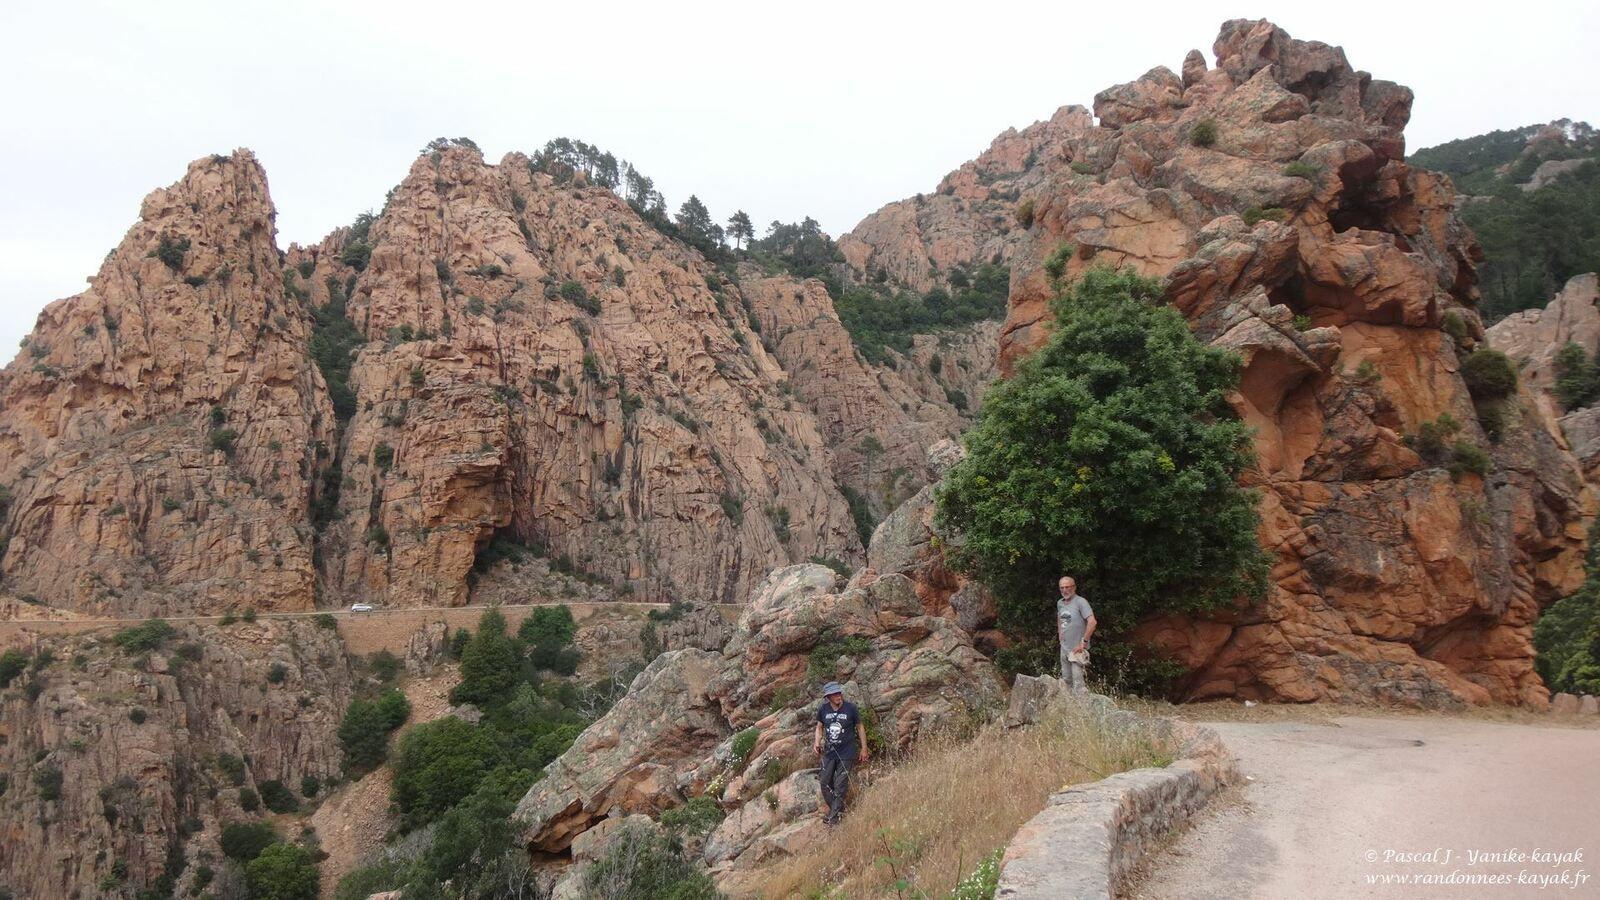 Corsica 2021, la beauté, essentielle, de la nature - Chapitre 10 : balade en forêt de Piana